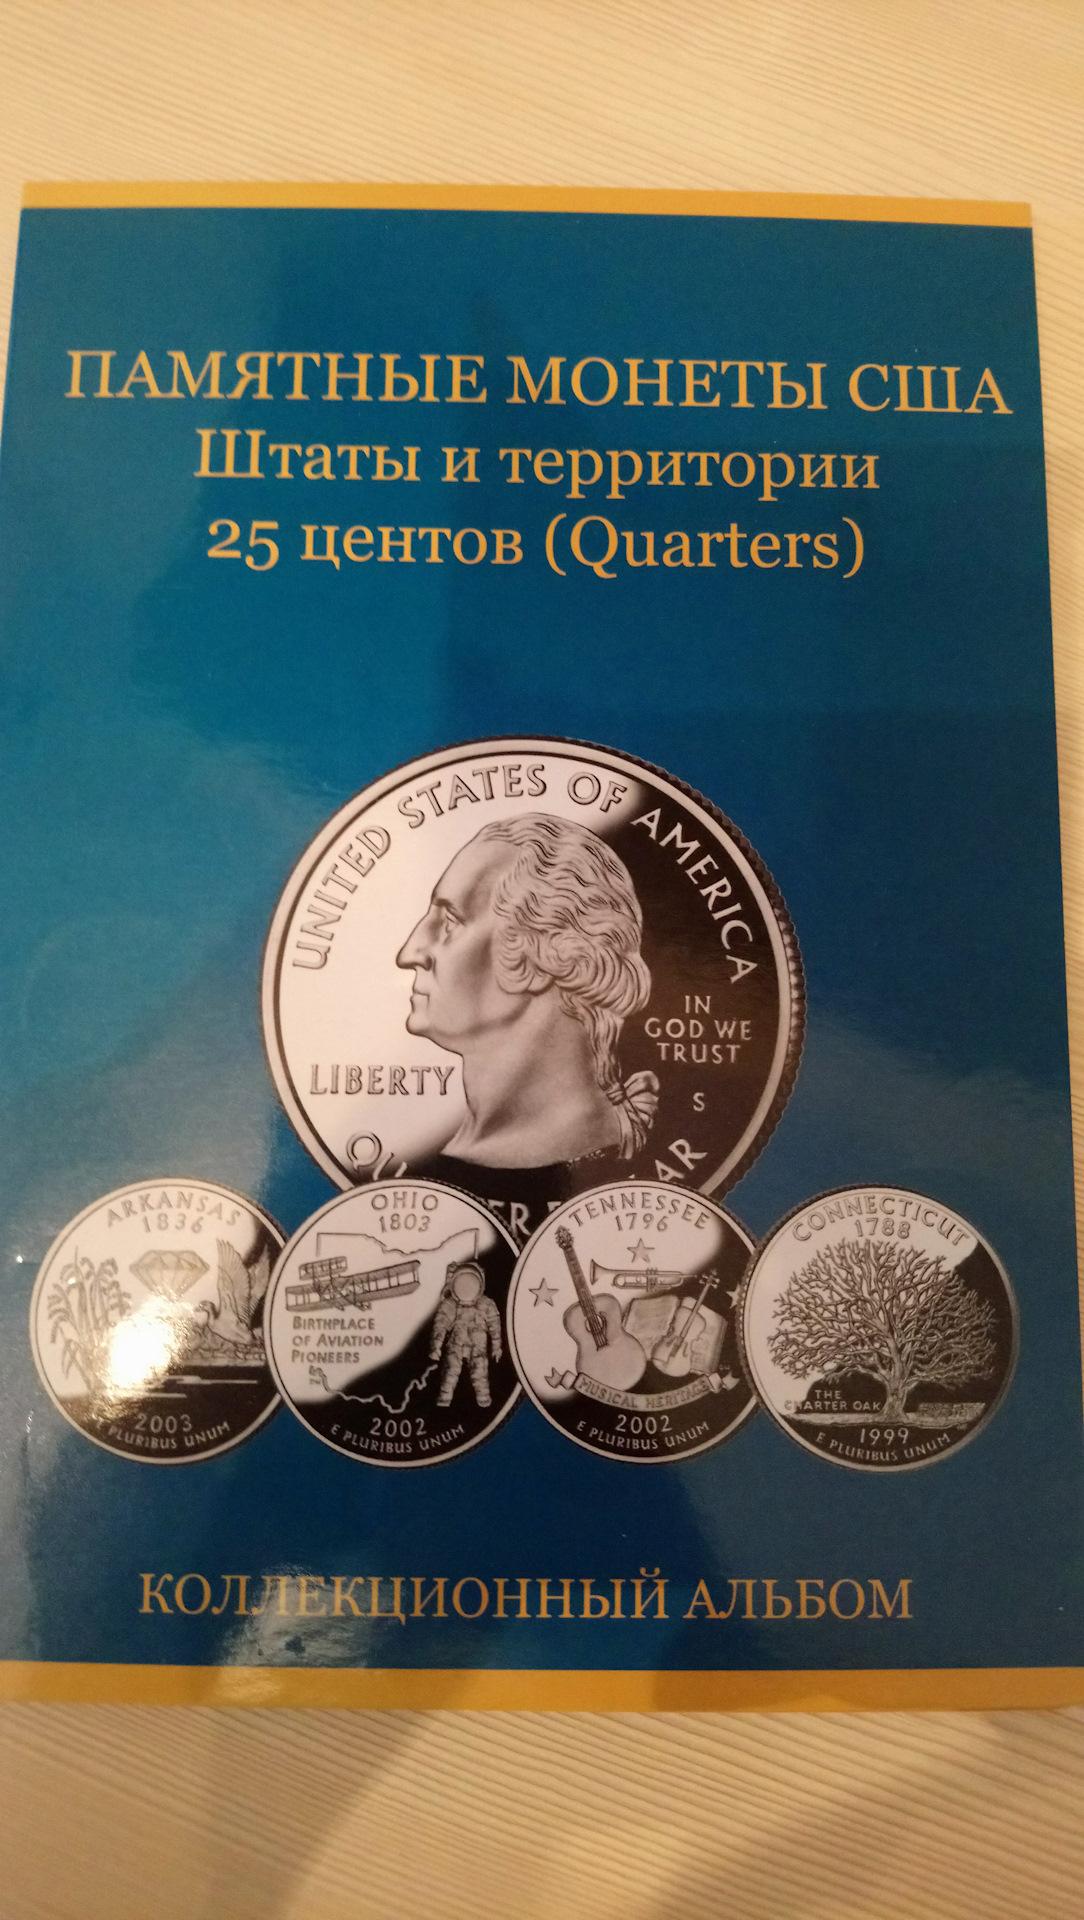 Памятные монеты 25 центов белорусские деньги старые